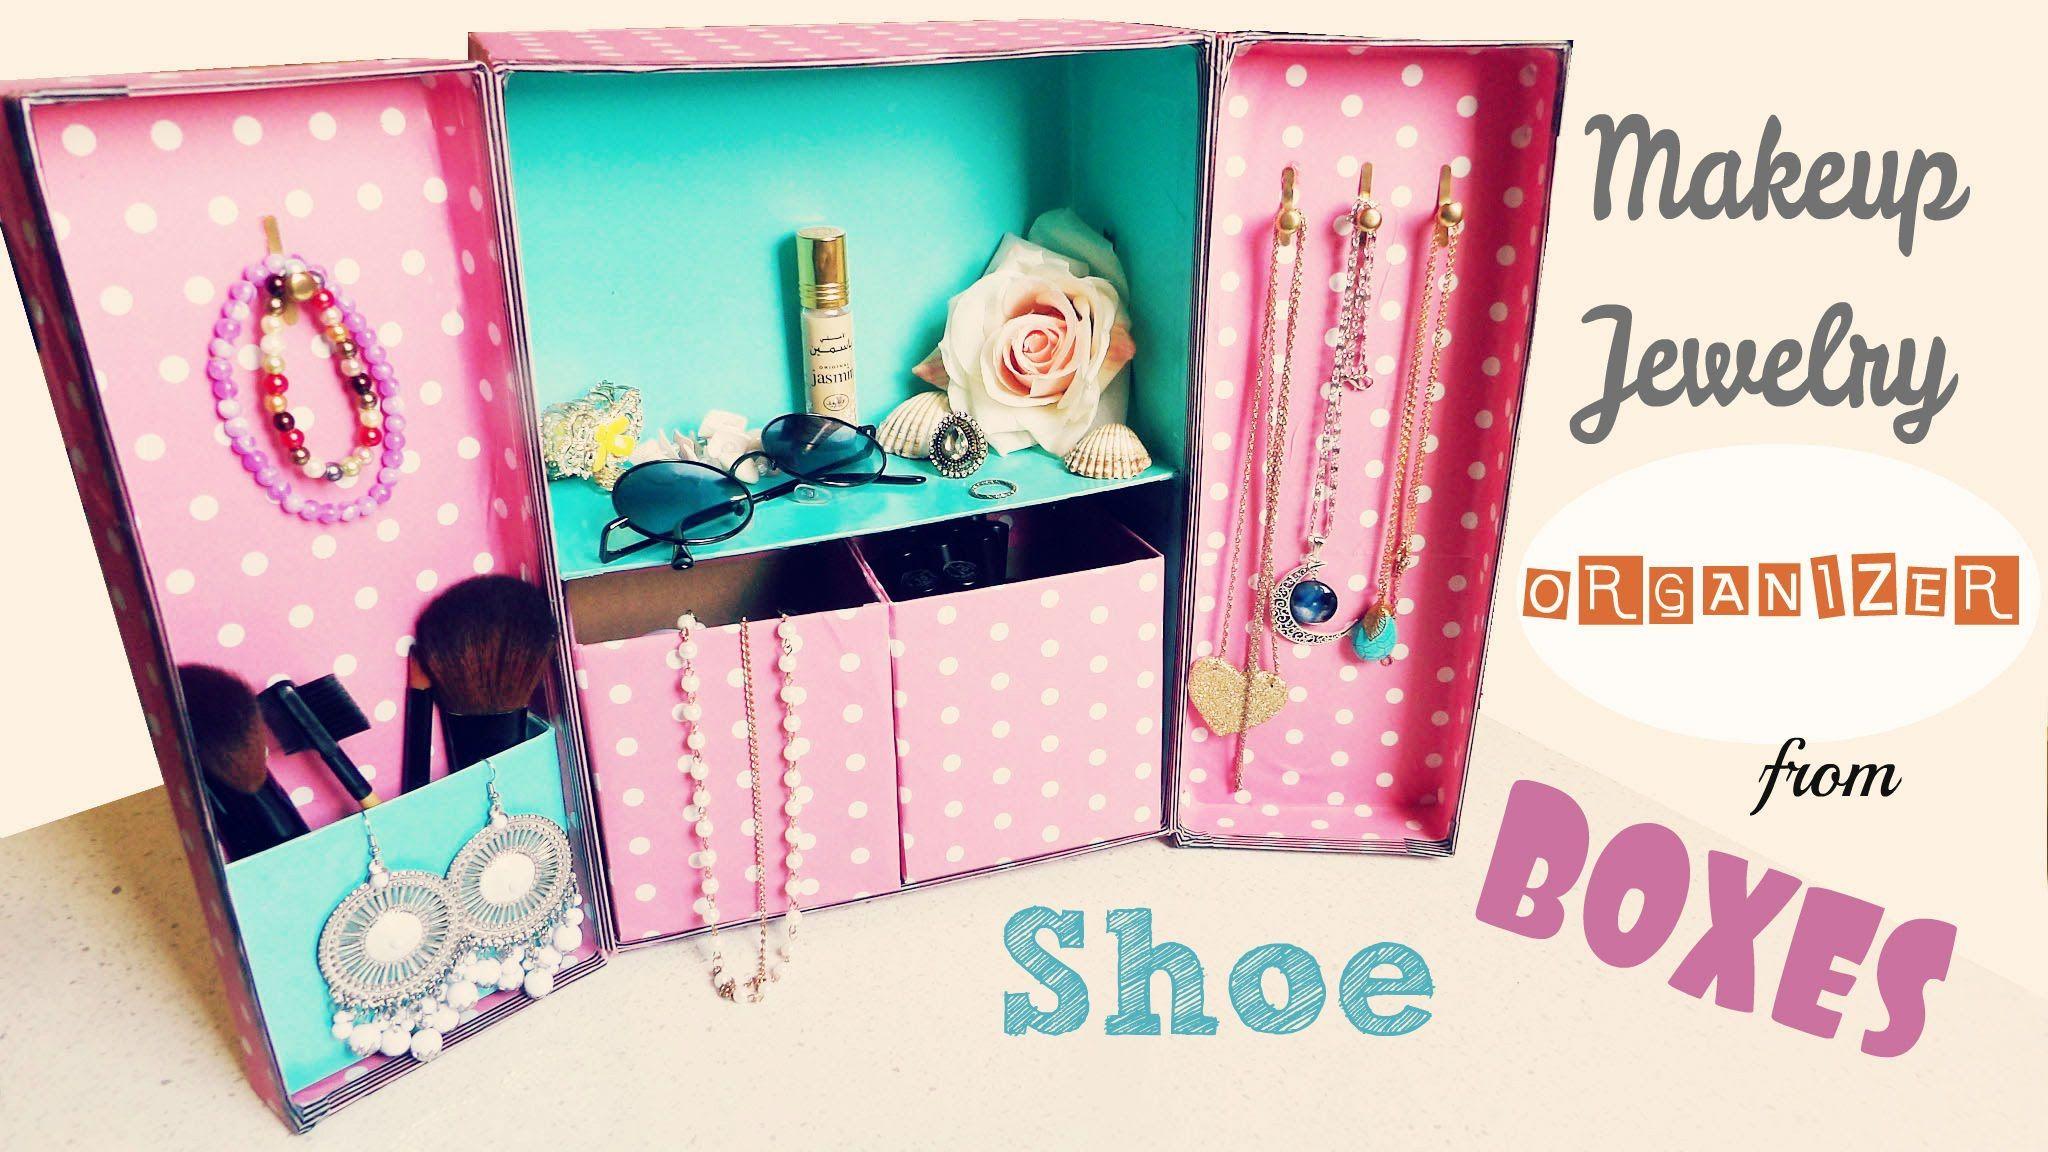 Diy Storage Makeup Jewelry Organizer From Shoe Bo You